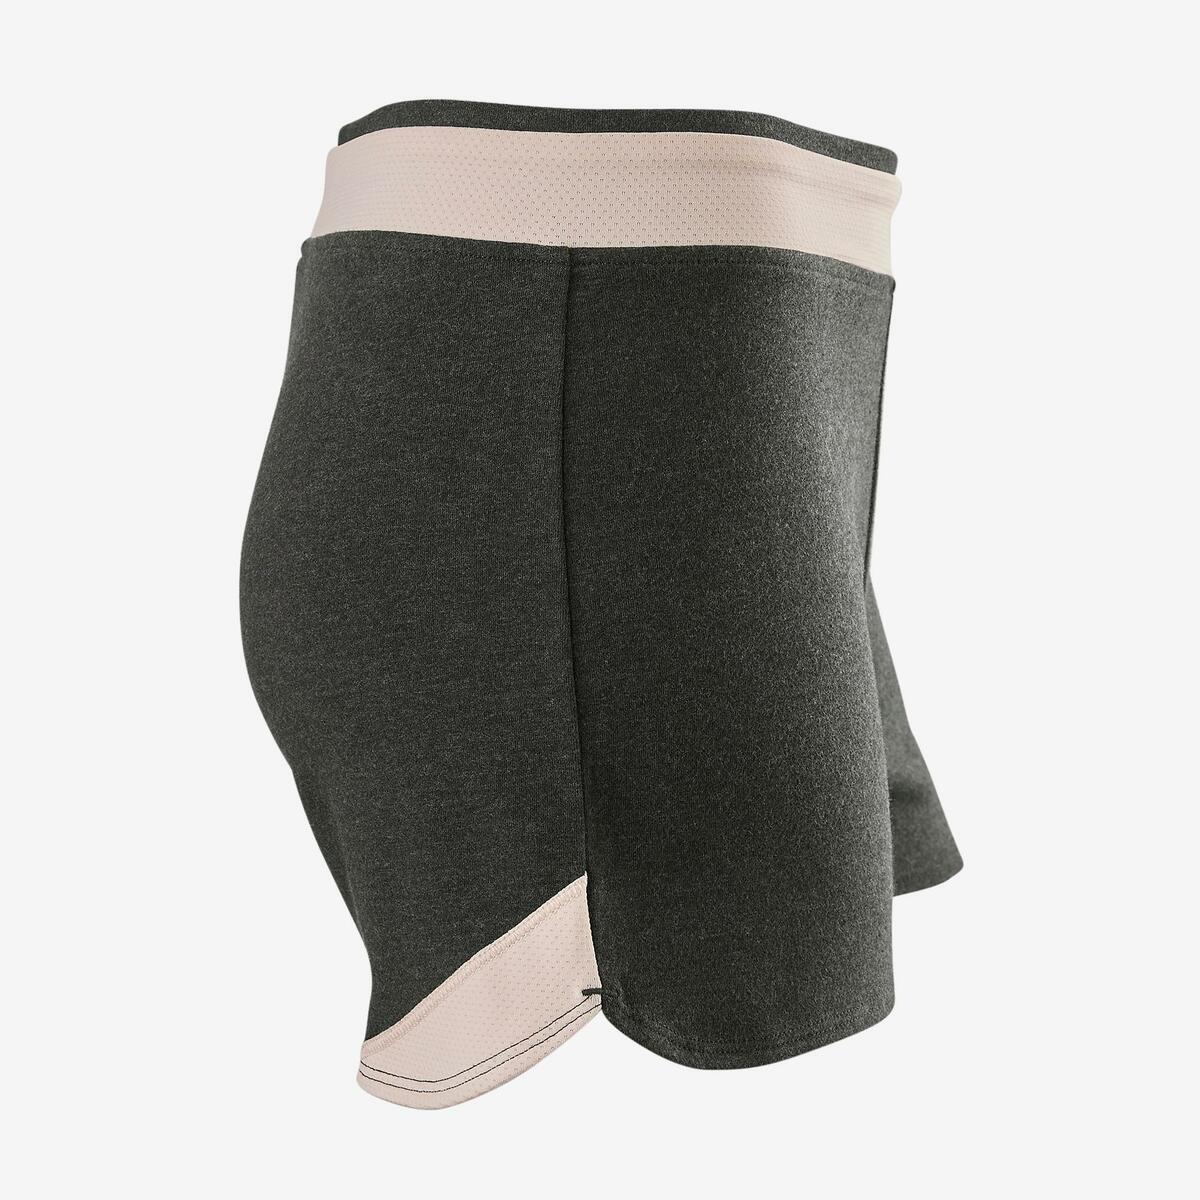 Bild 2 von Sporthose kurz Baumwolle atmungsaktiv 500 Gym Kinder grau bedruckt